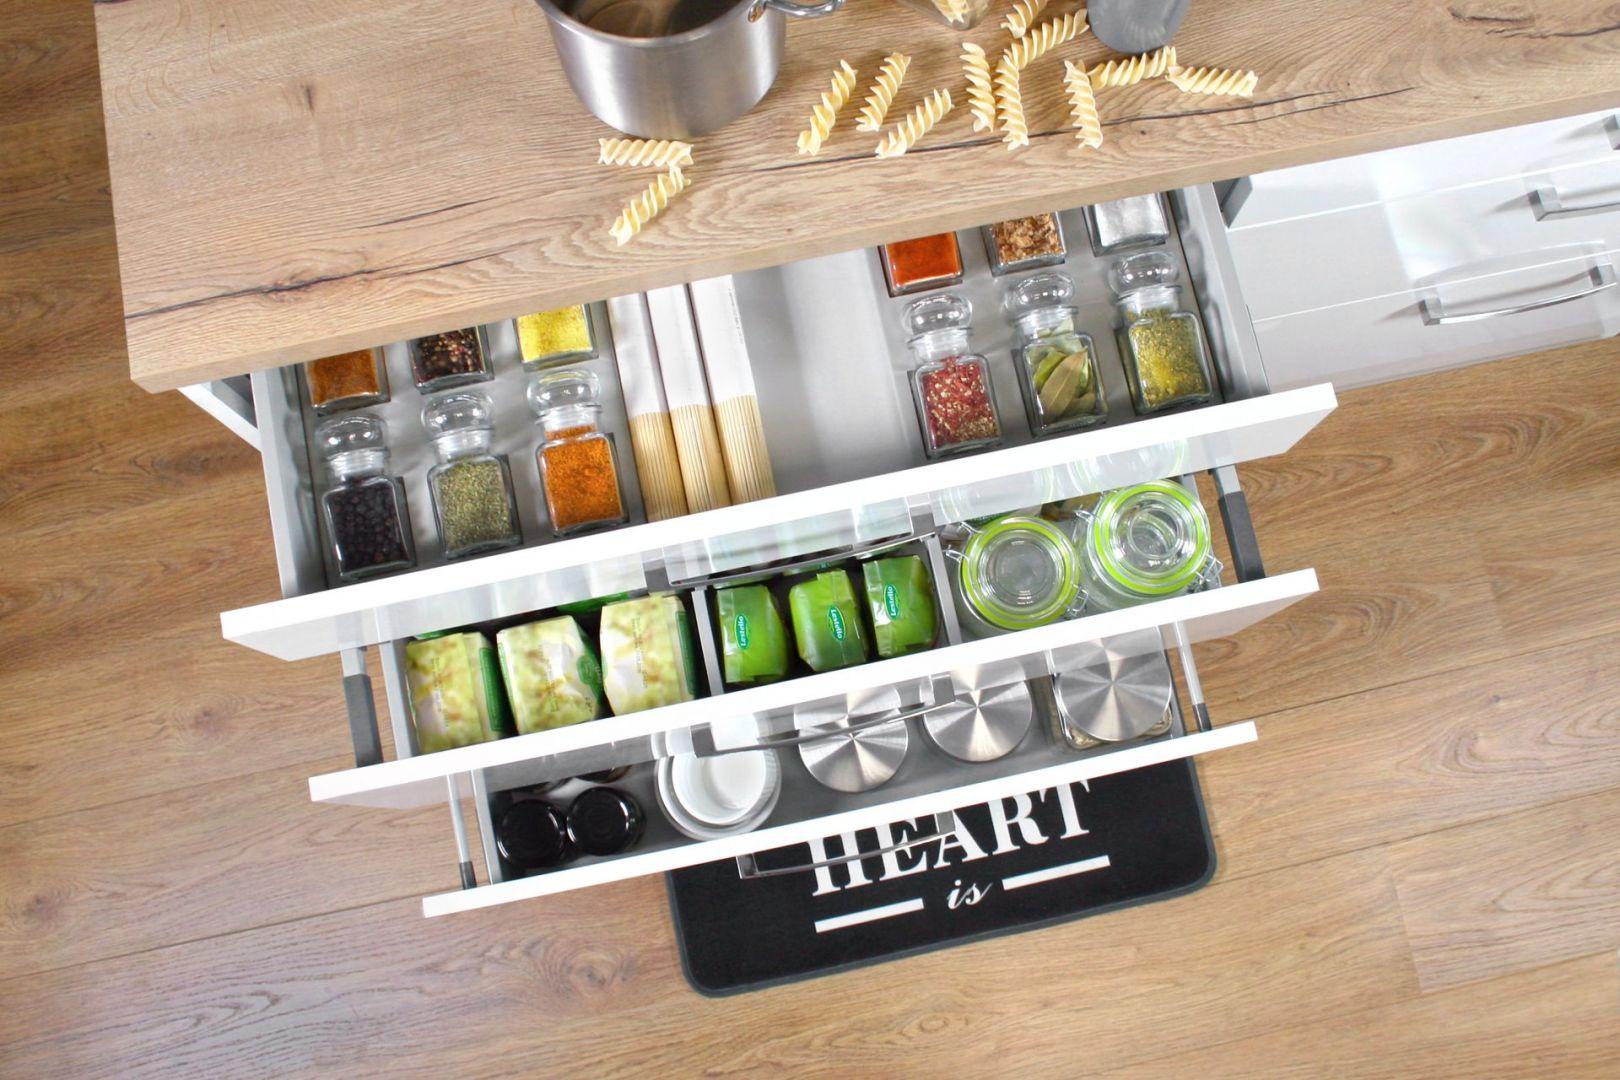 Nowoczesne systemy szuflad to coraz powszechniejszy sposób na zagospodarowanie dolnych szafek w kuchni. Fot. Rejs